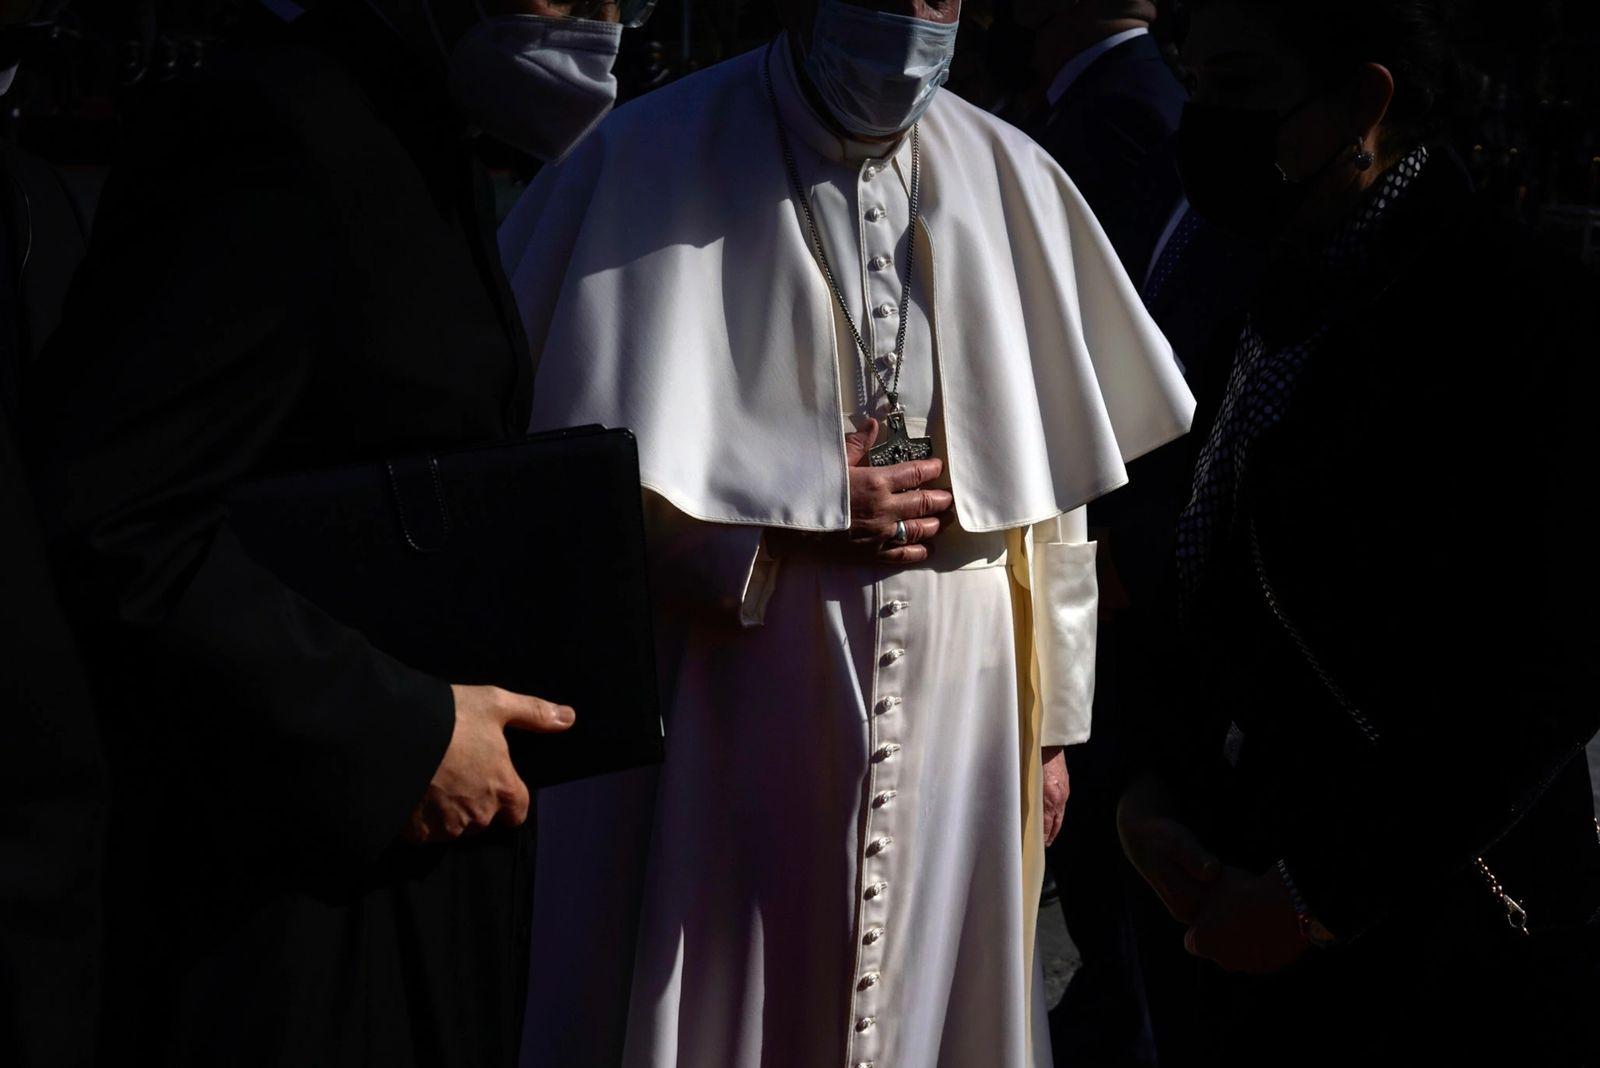 Papa Francisco recebe as boas-vindas no palácio presidencial em Bagdá logo após a chegada do pontífice ...